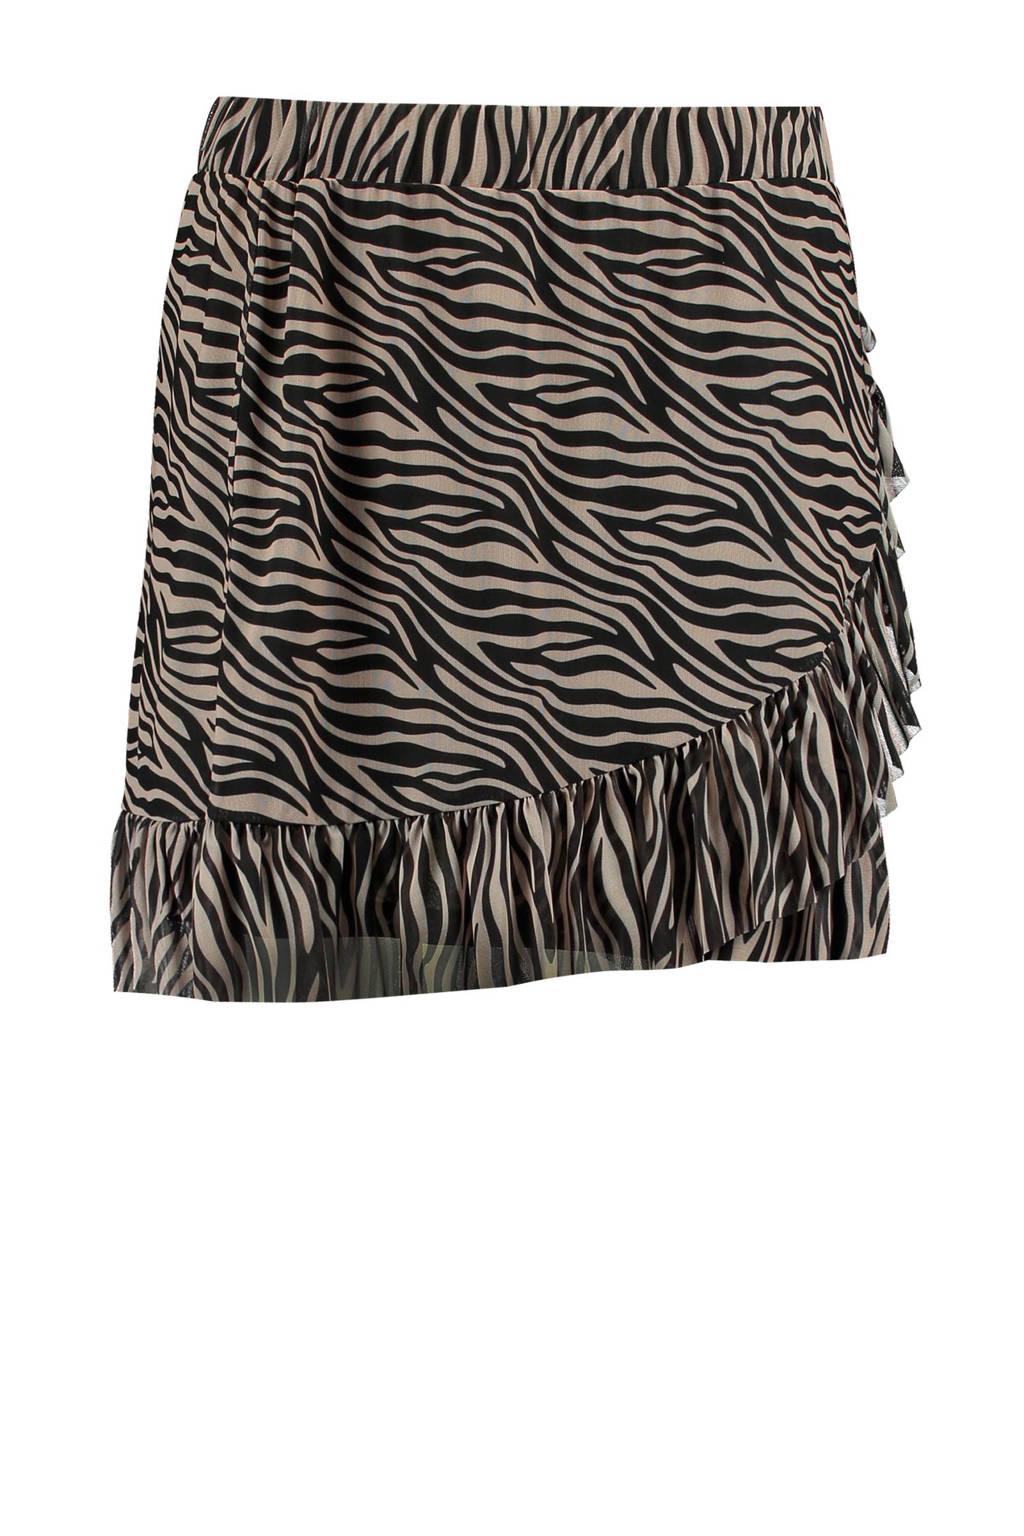 MS Mode top met zebraprint zwart, Zwart/grjis